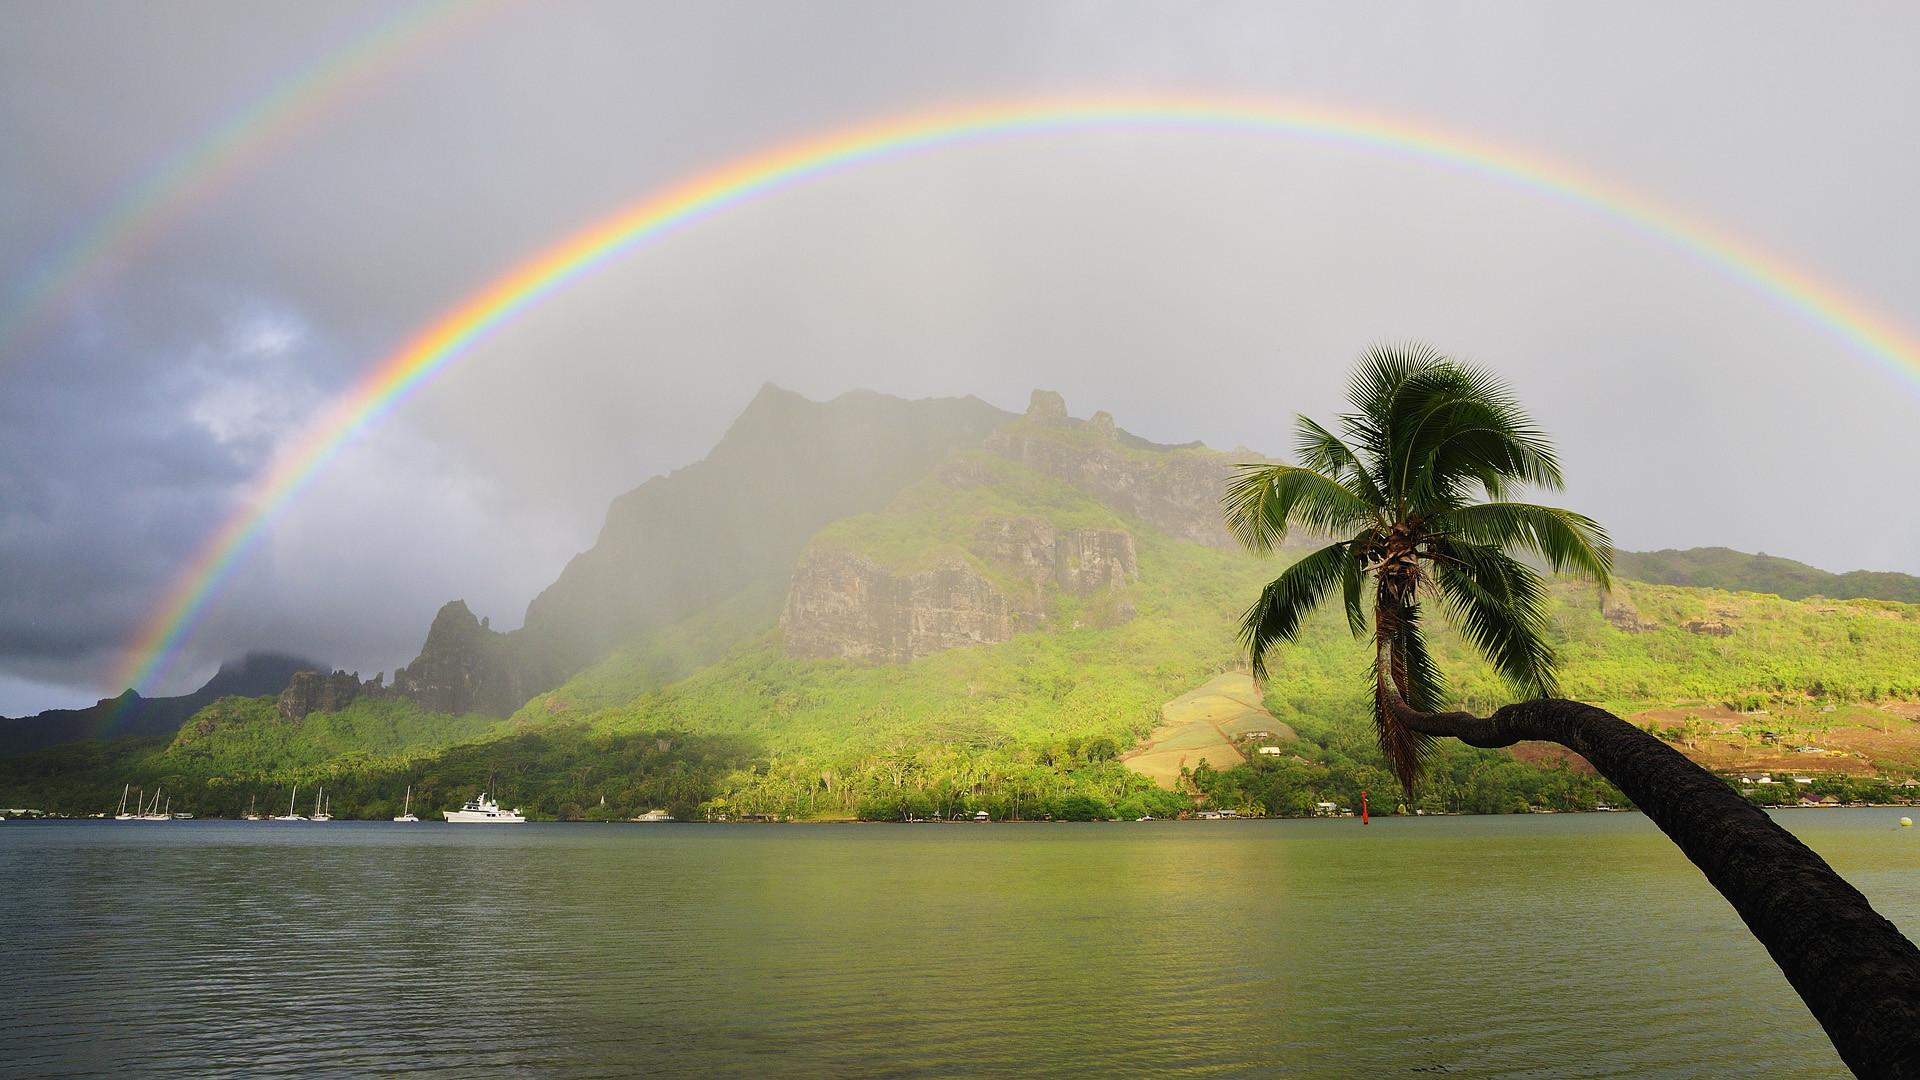 Beautiful rainbow wallpaper 49 images 1920x1080 rainbow desktop backgrounds wallpaper download voltagebd Gallery